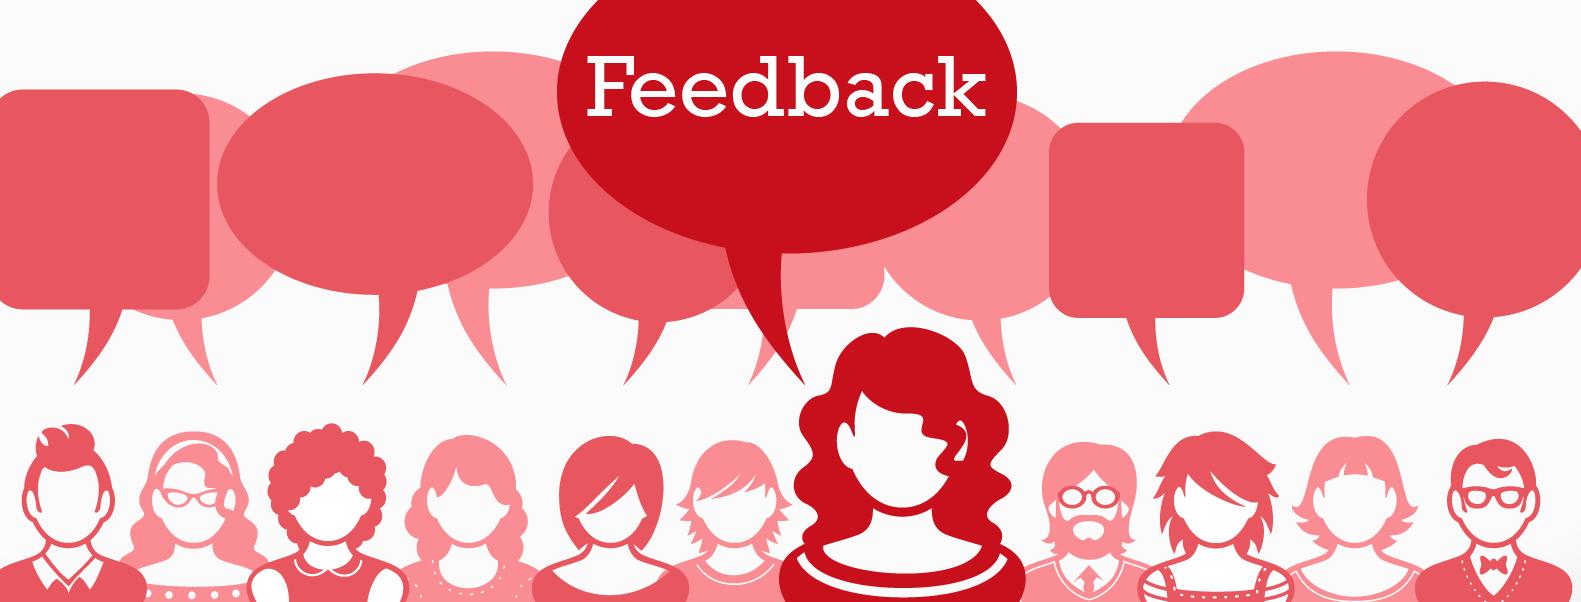 Alwl feedback